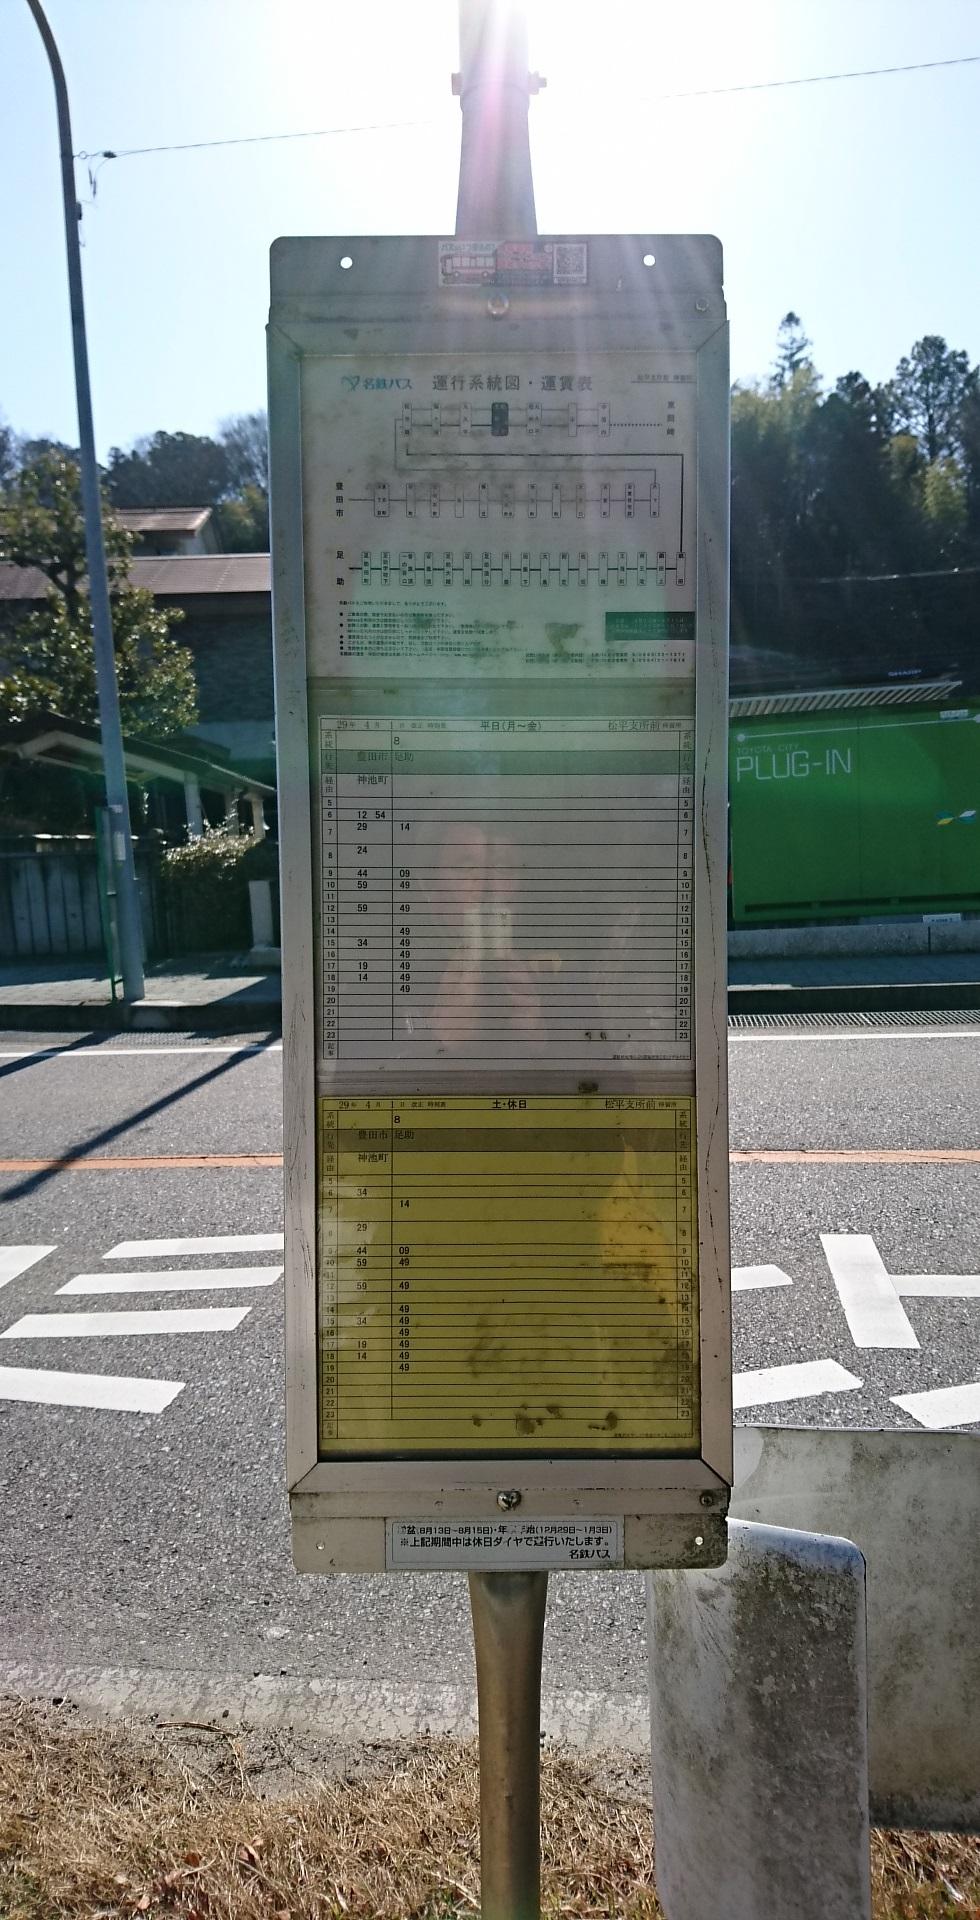 2018.2.27 (82) 松平支所前バス停 - 豊田市いき、足助いき時刻表 980-1920